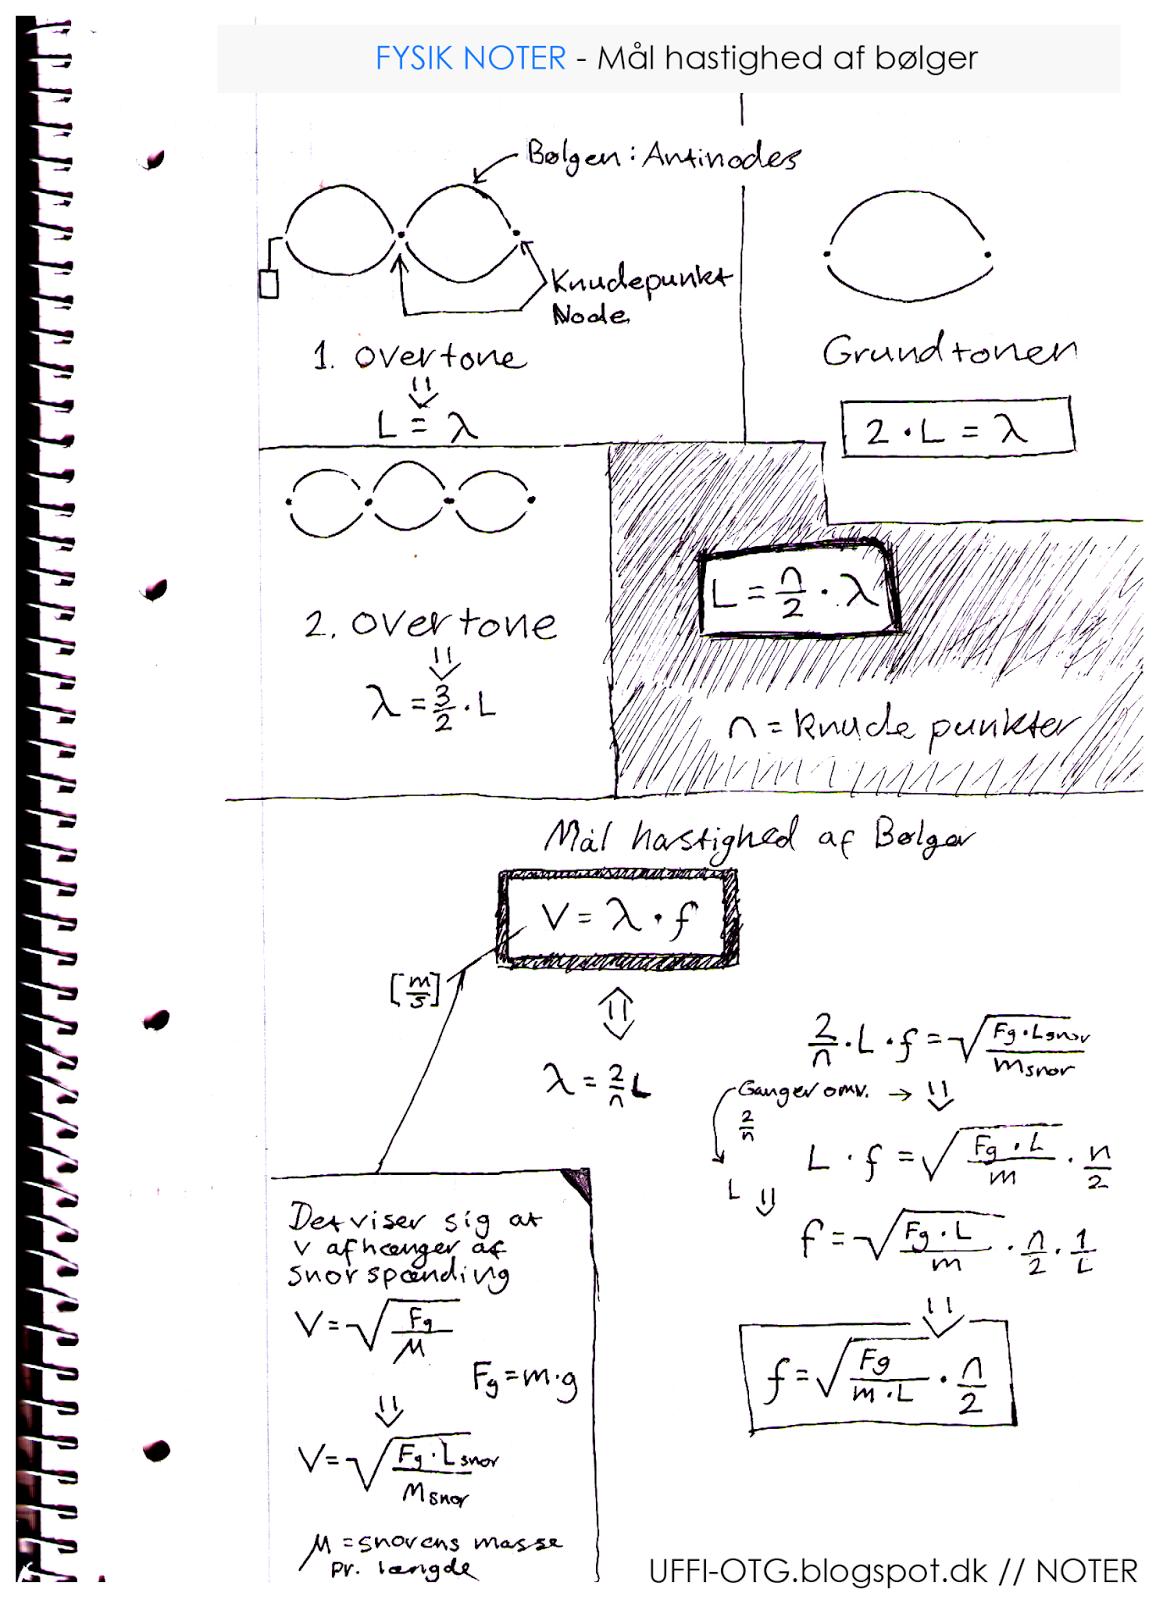 hvad betyder fysik